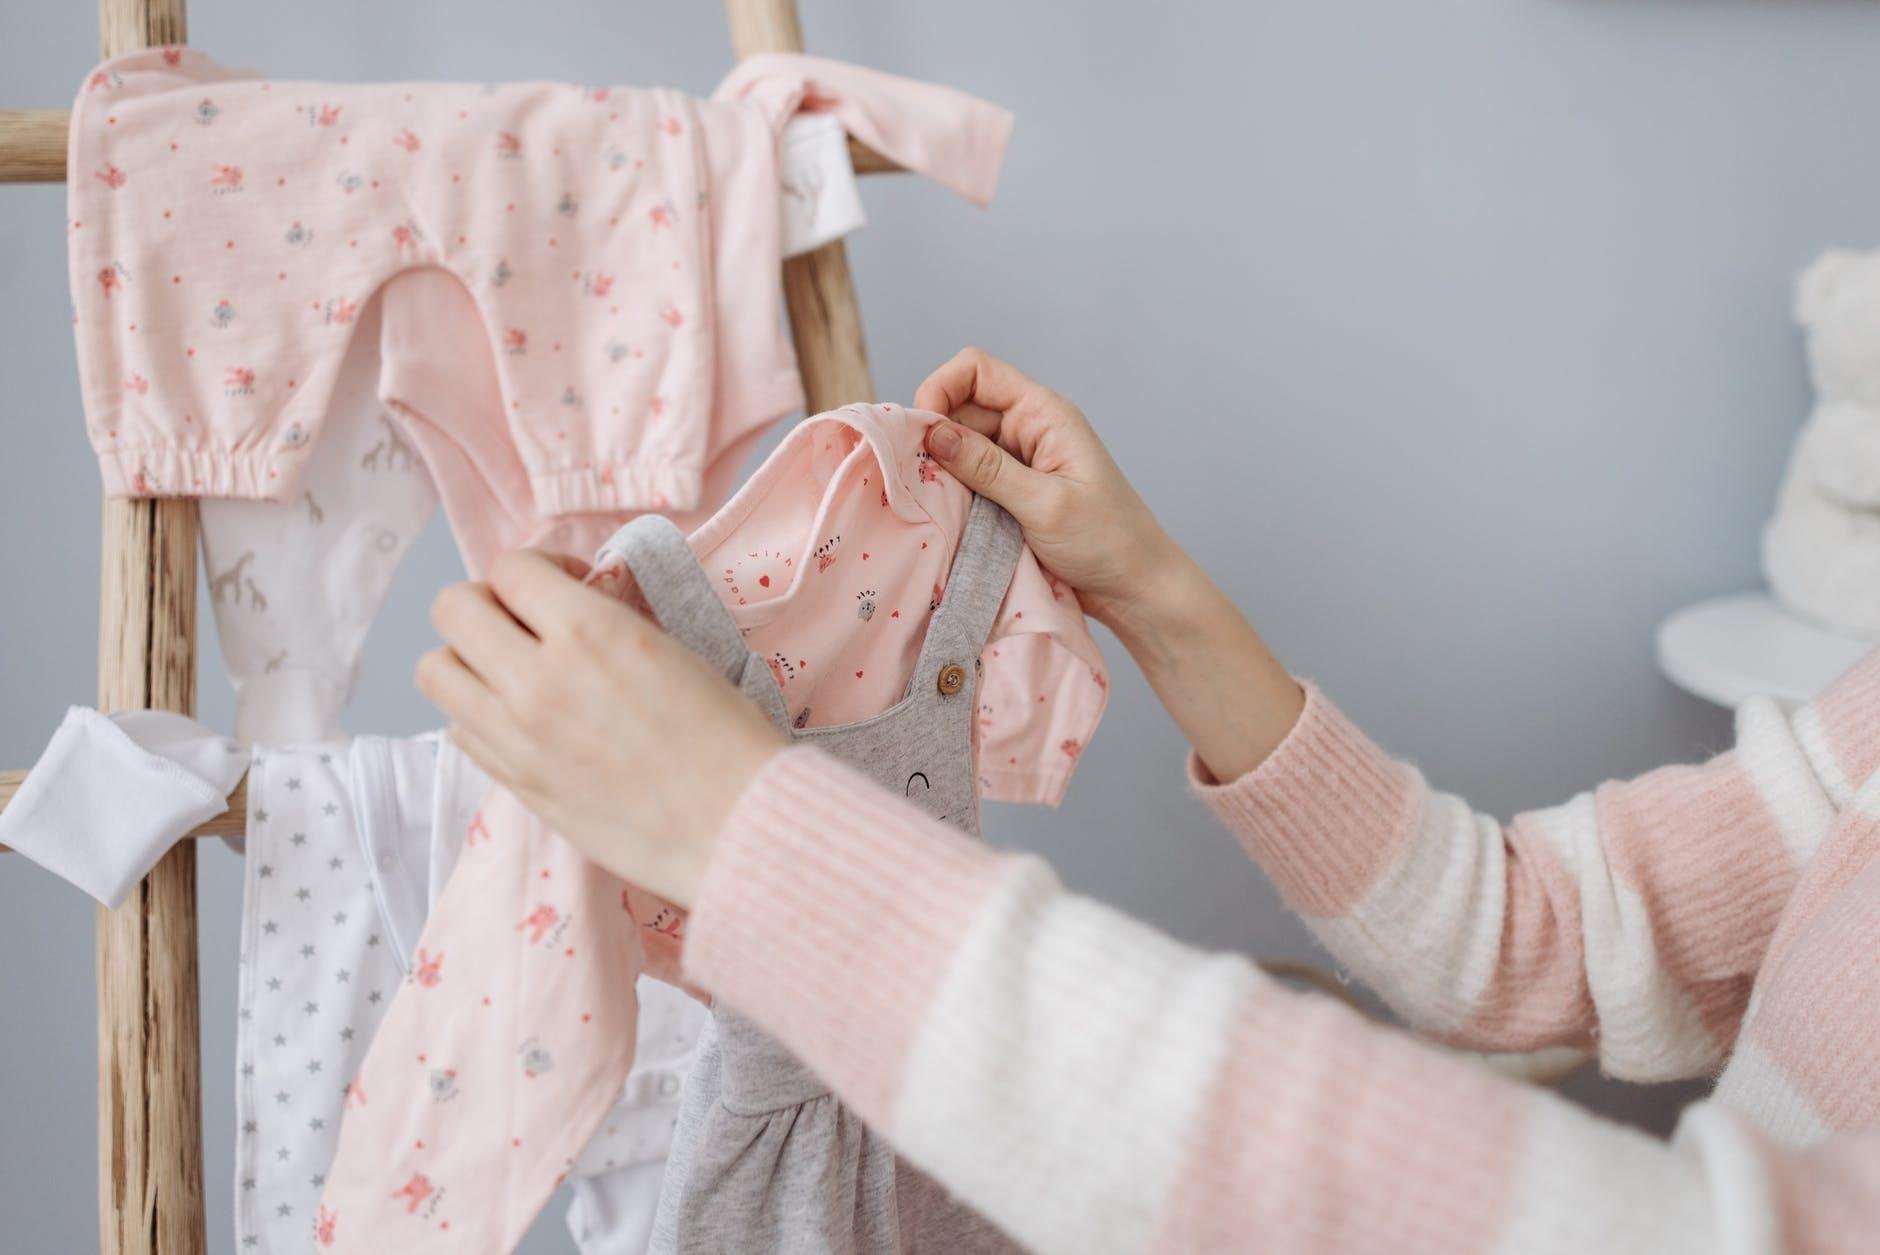 اختلاف أعراض الحمل يكشف نوع الجنين